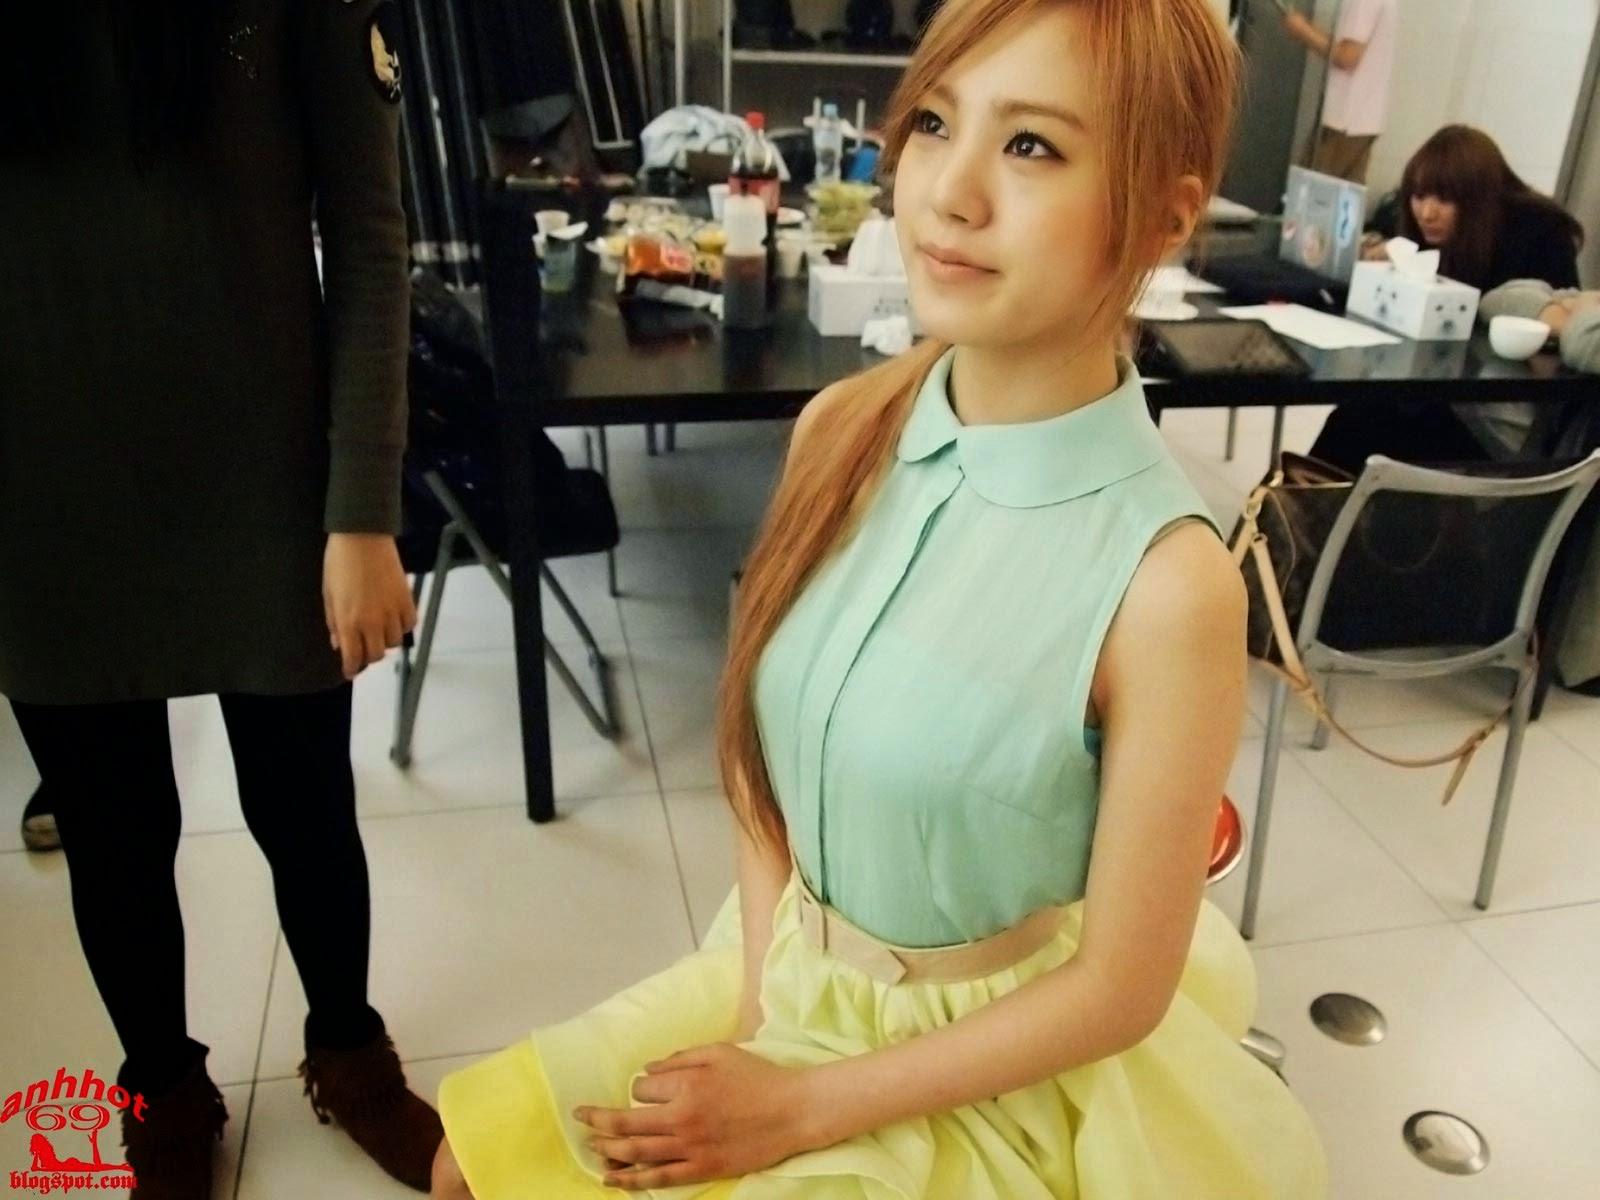 Kpop-Start-Hot_CJ5l2